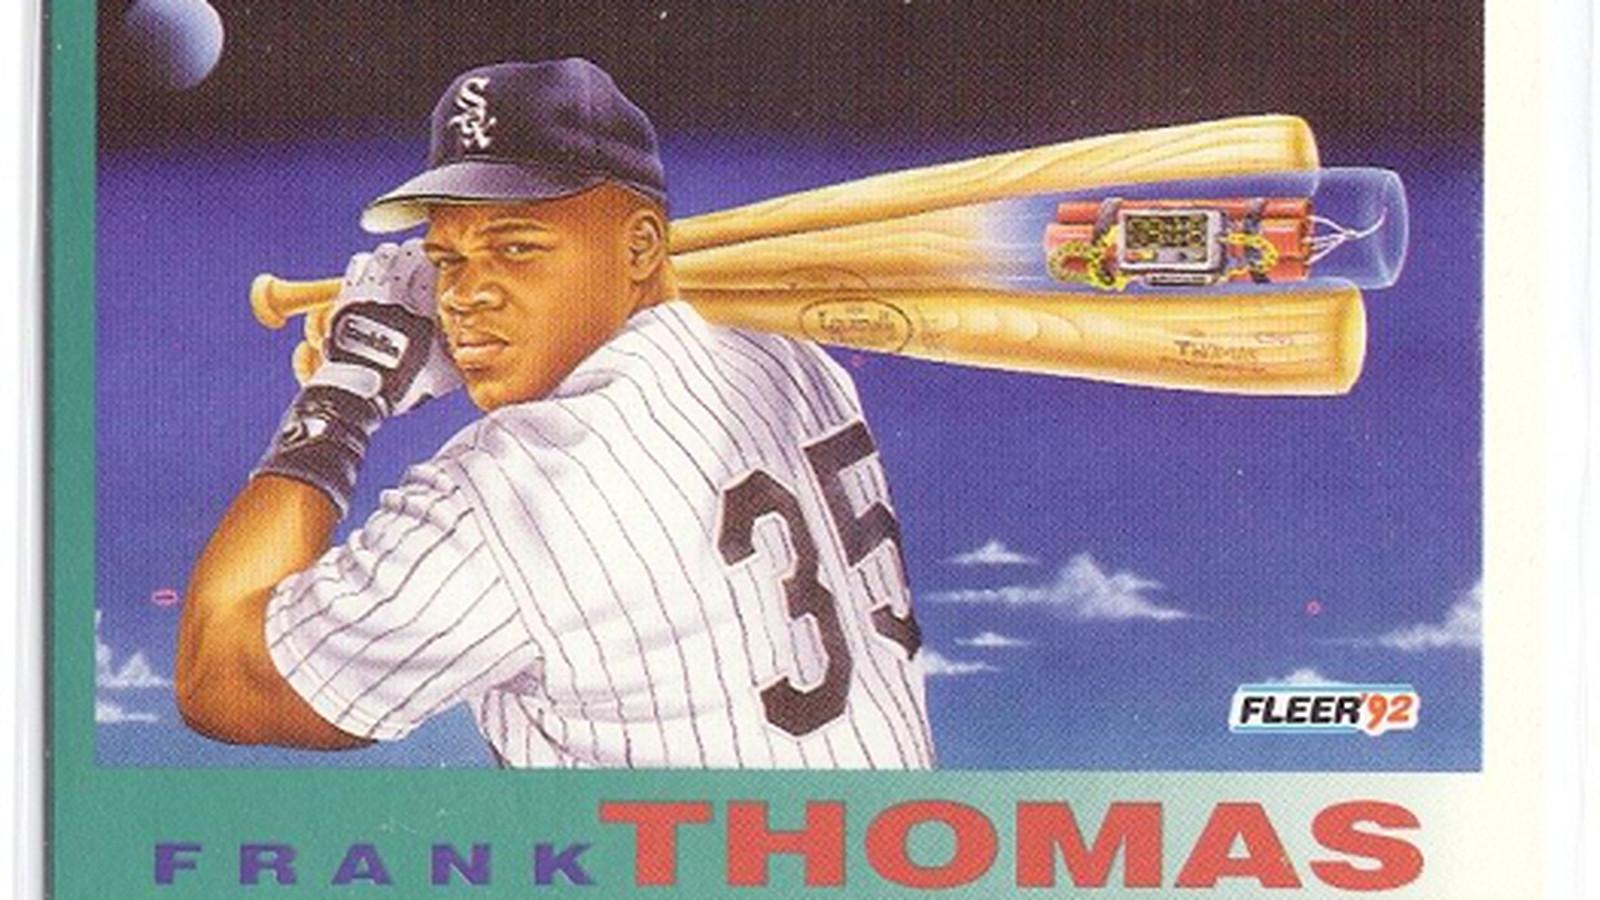 弗兰克托马斯,第一个棒球卡泡沫名人堂成员